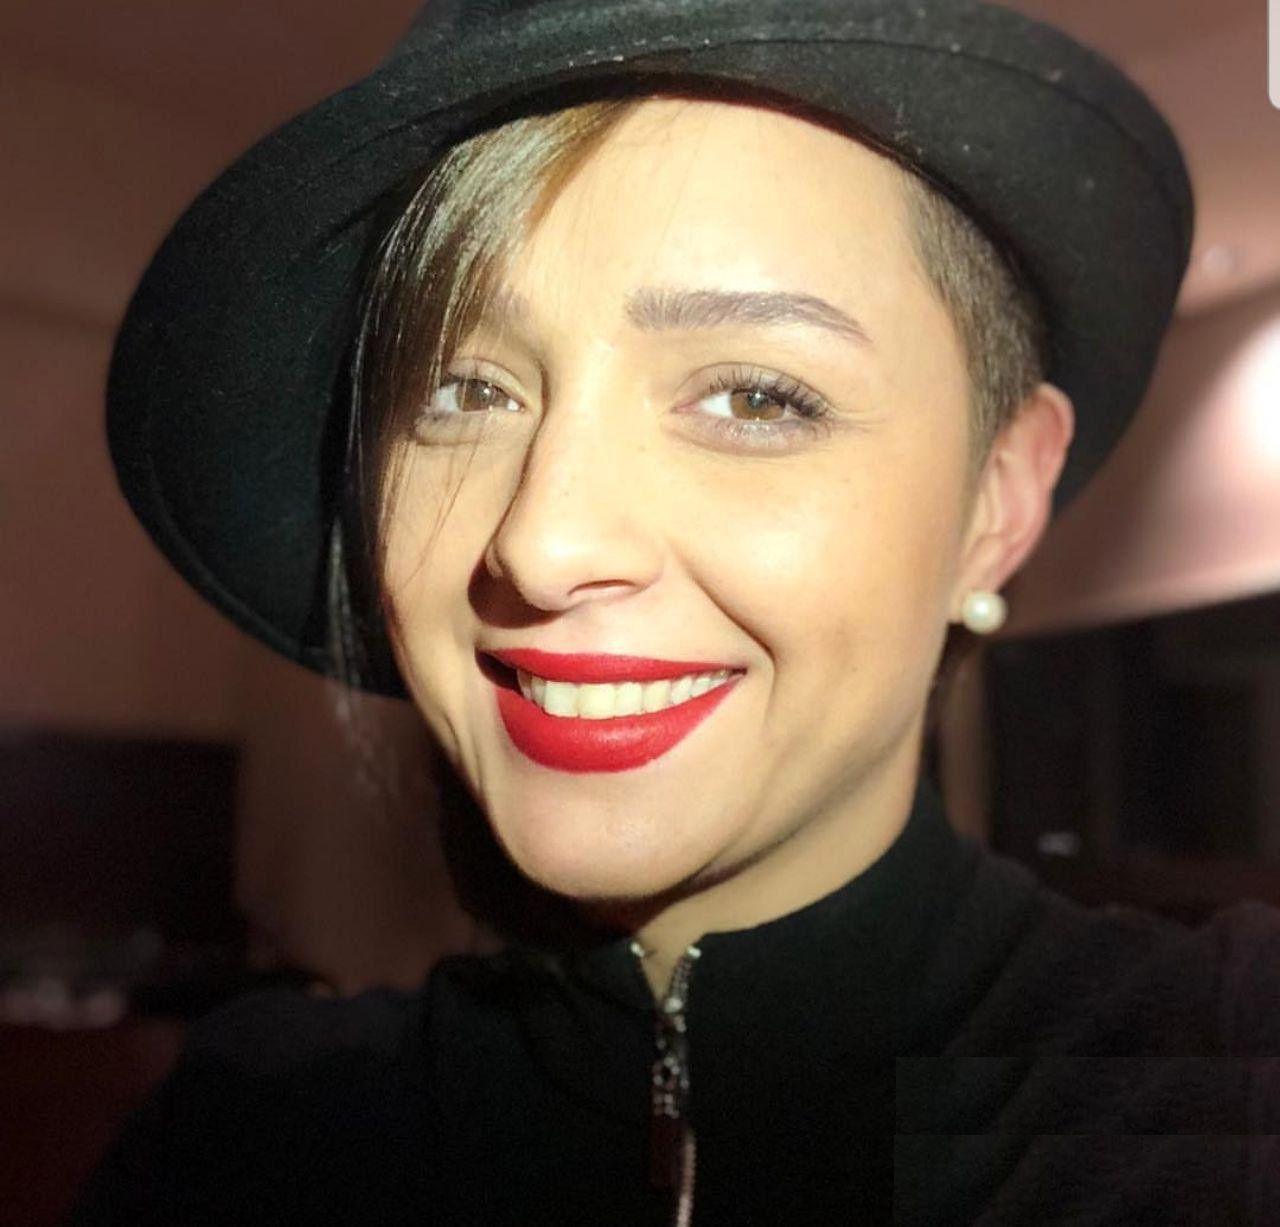 ماجرای عجیب  طلاق ترانه علیدوستی از همسرش + علت طلاق و عکس